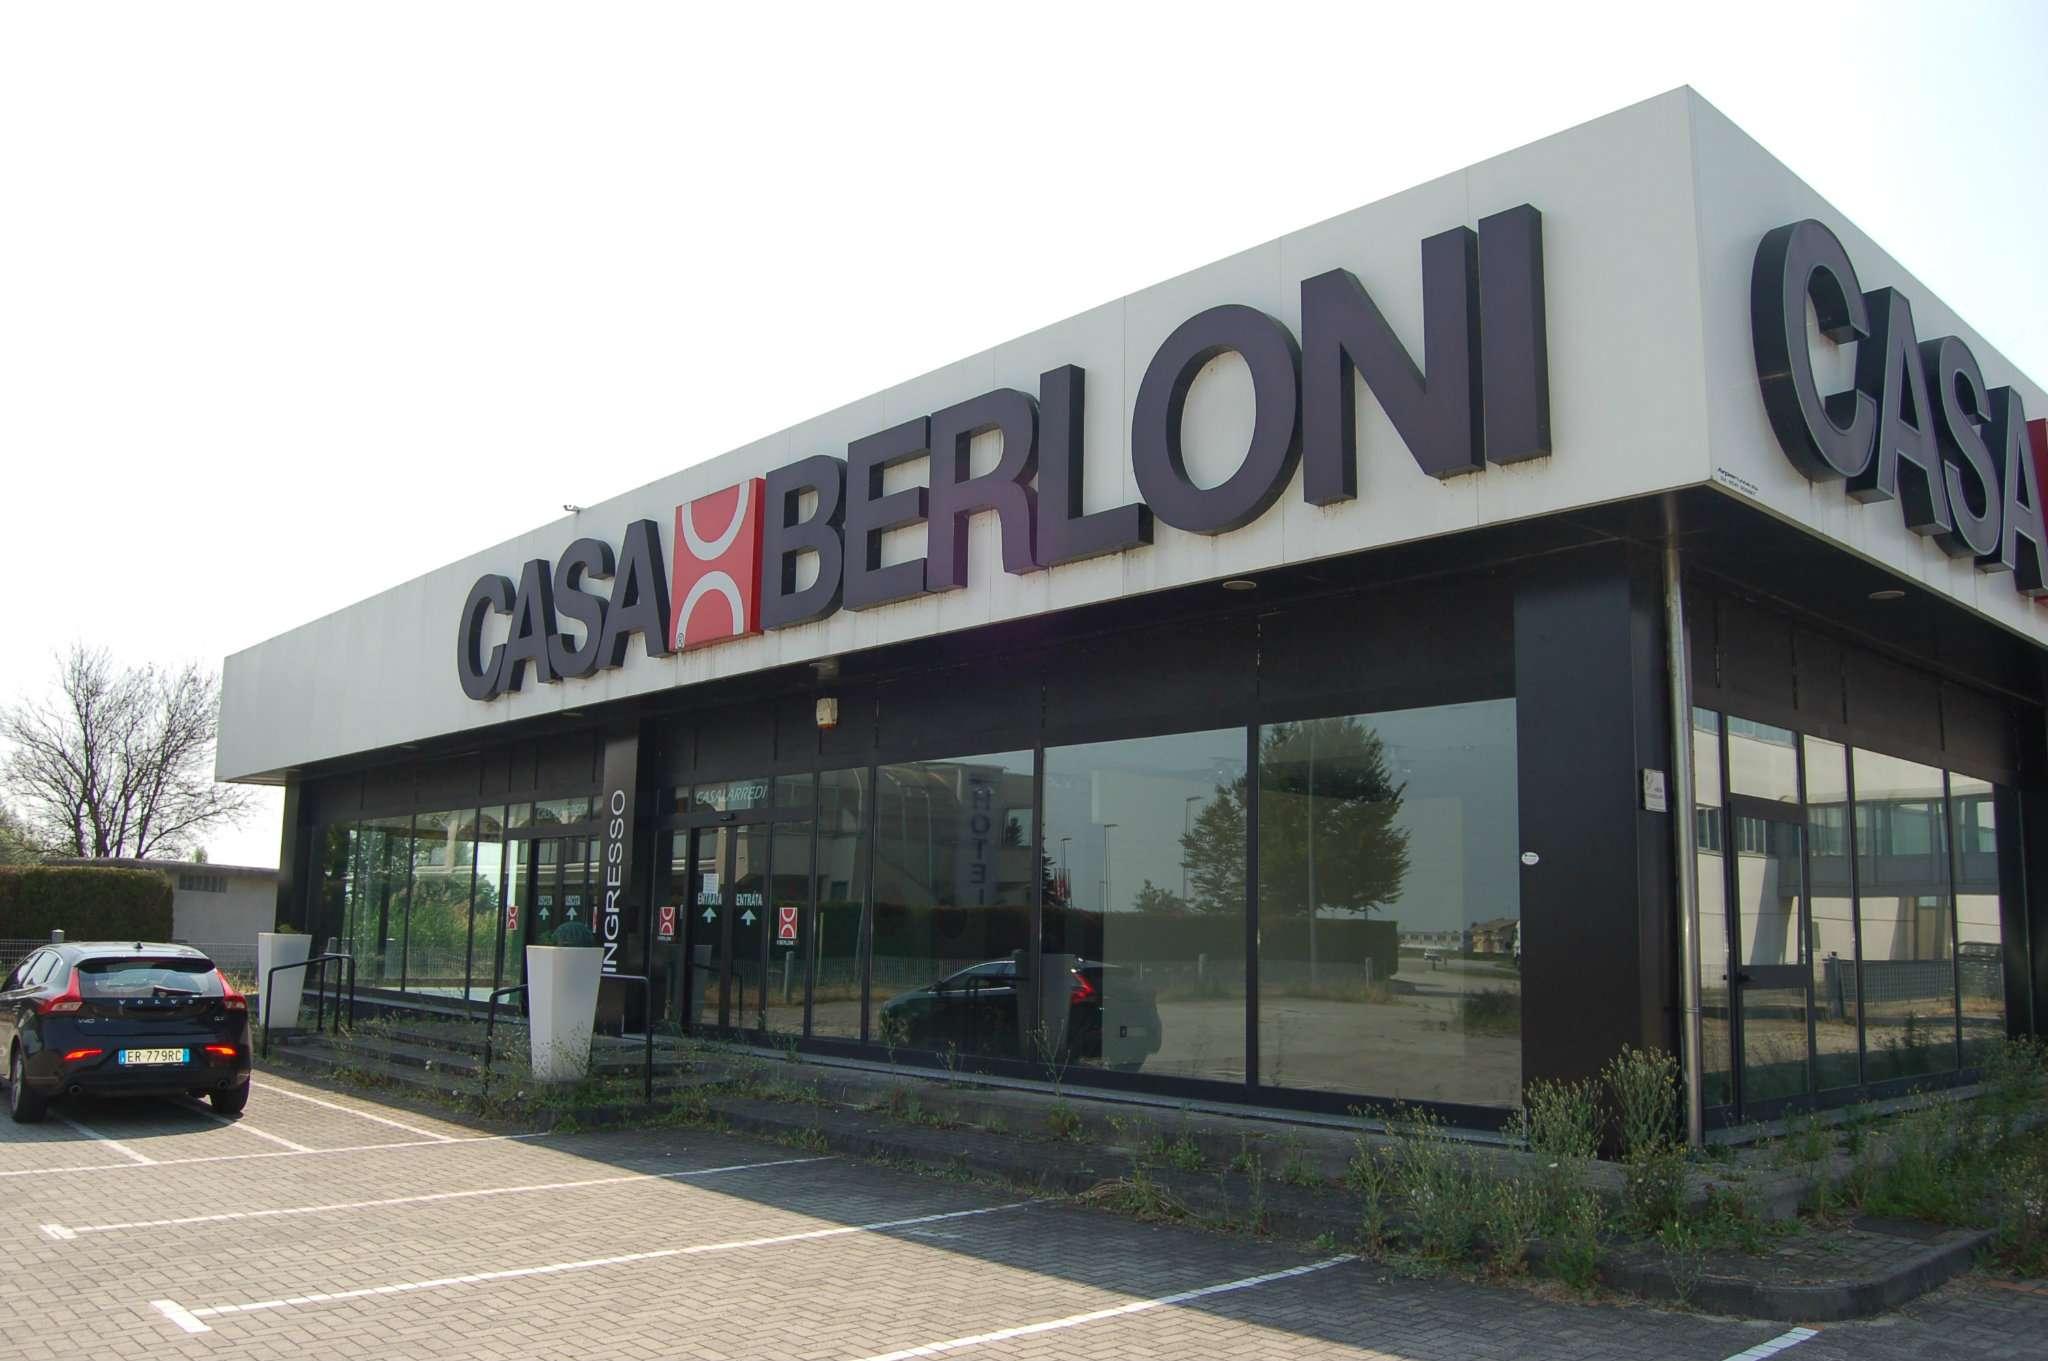 Locale commerciale in vendita a Villanova Monferrato (AL)